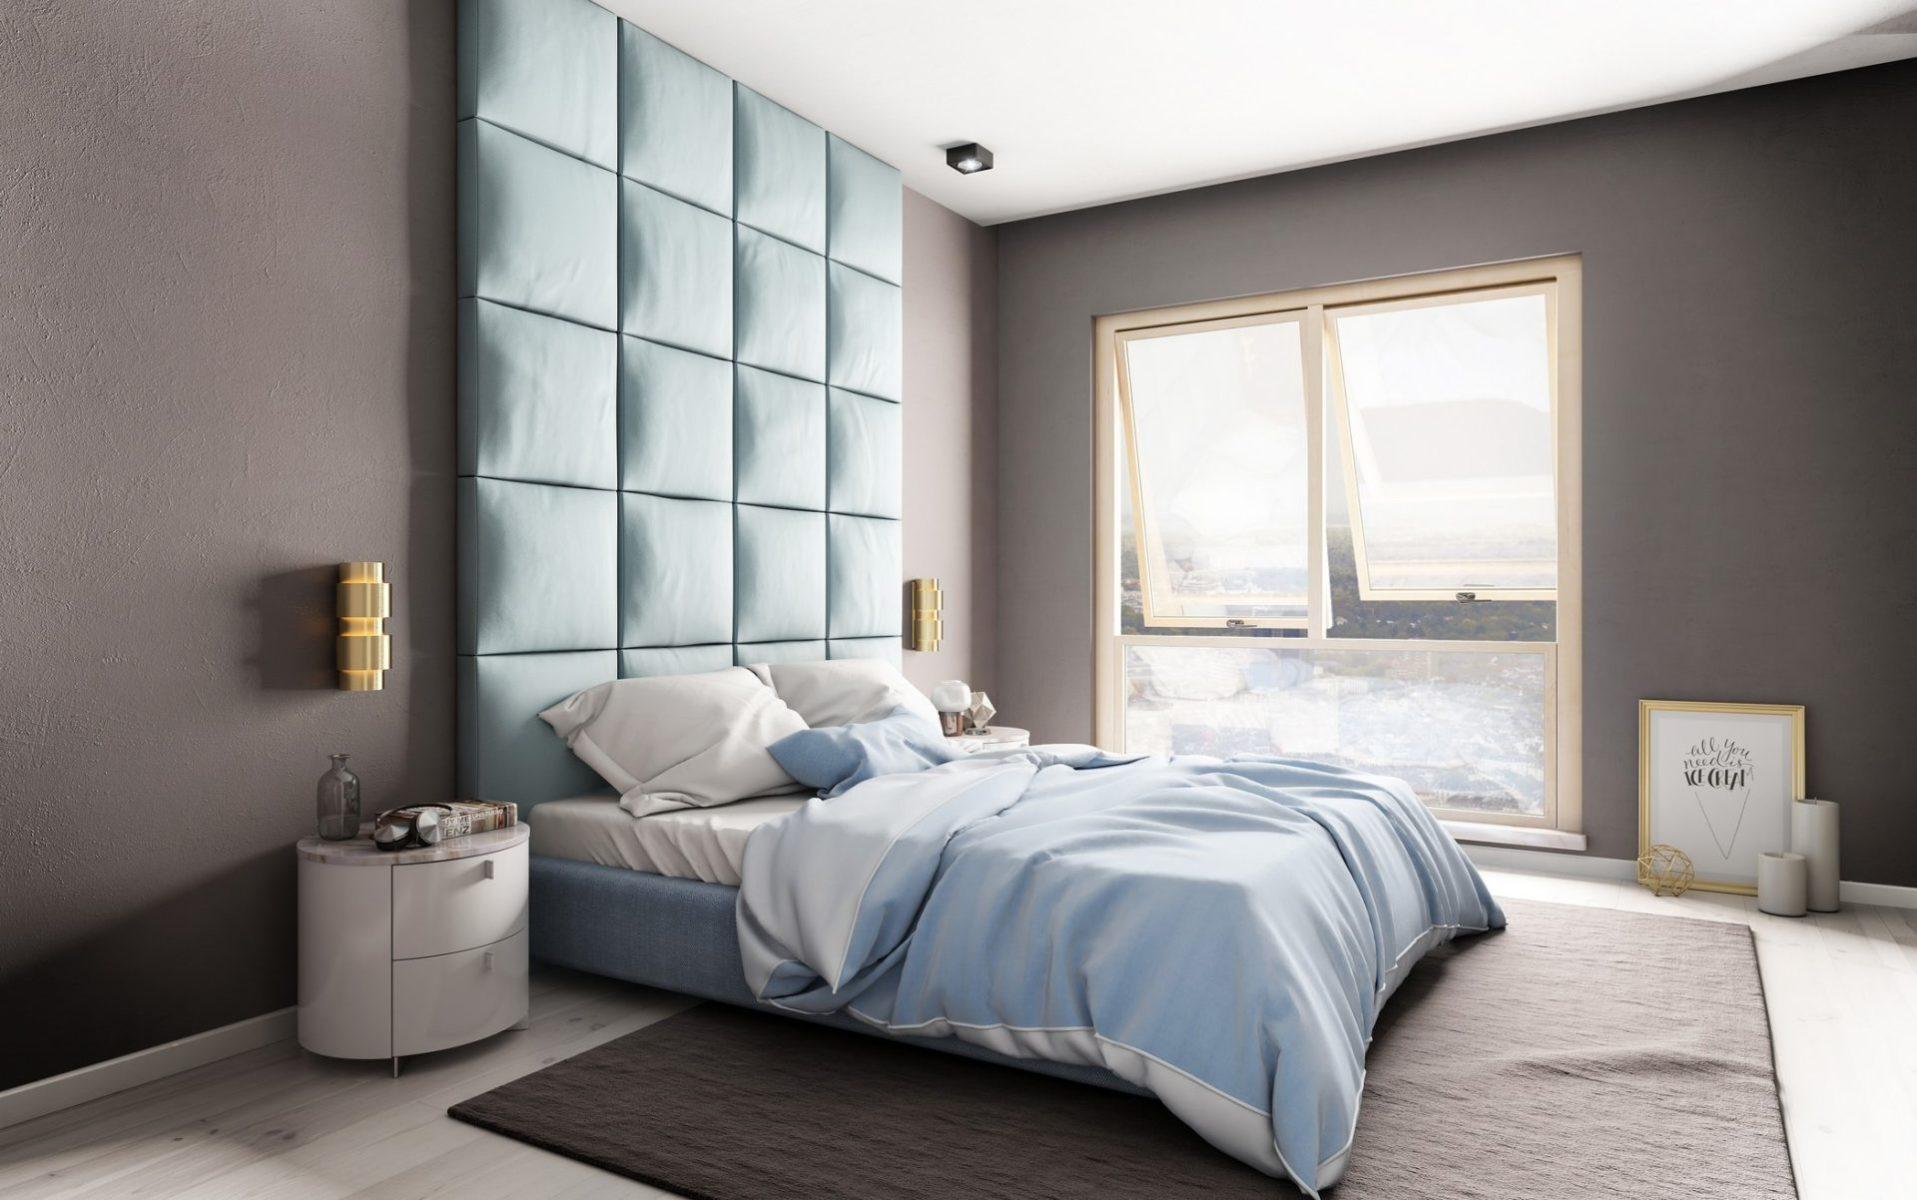 sypialnia w mieszkaniu wizualizacja 3d